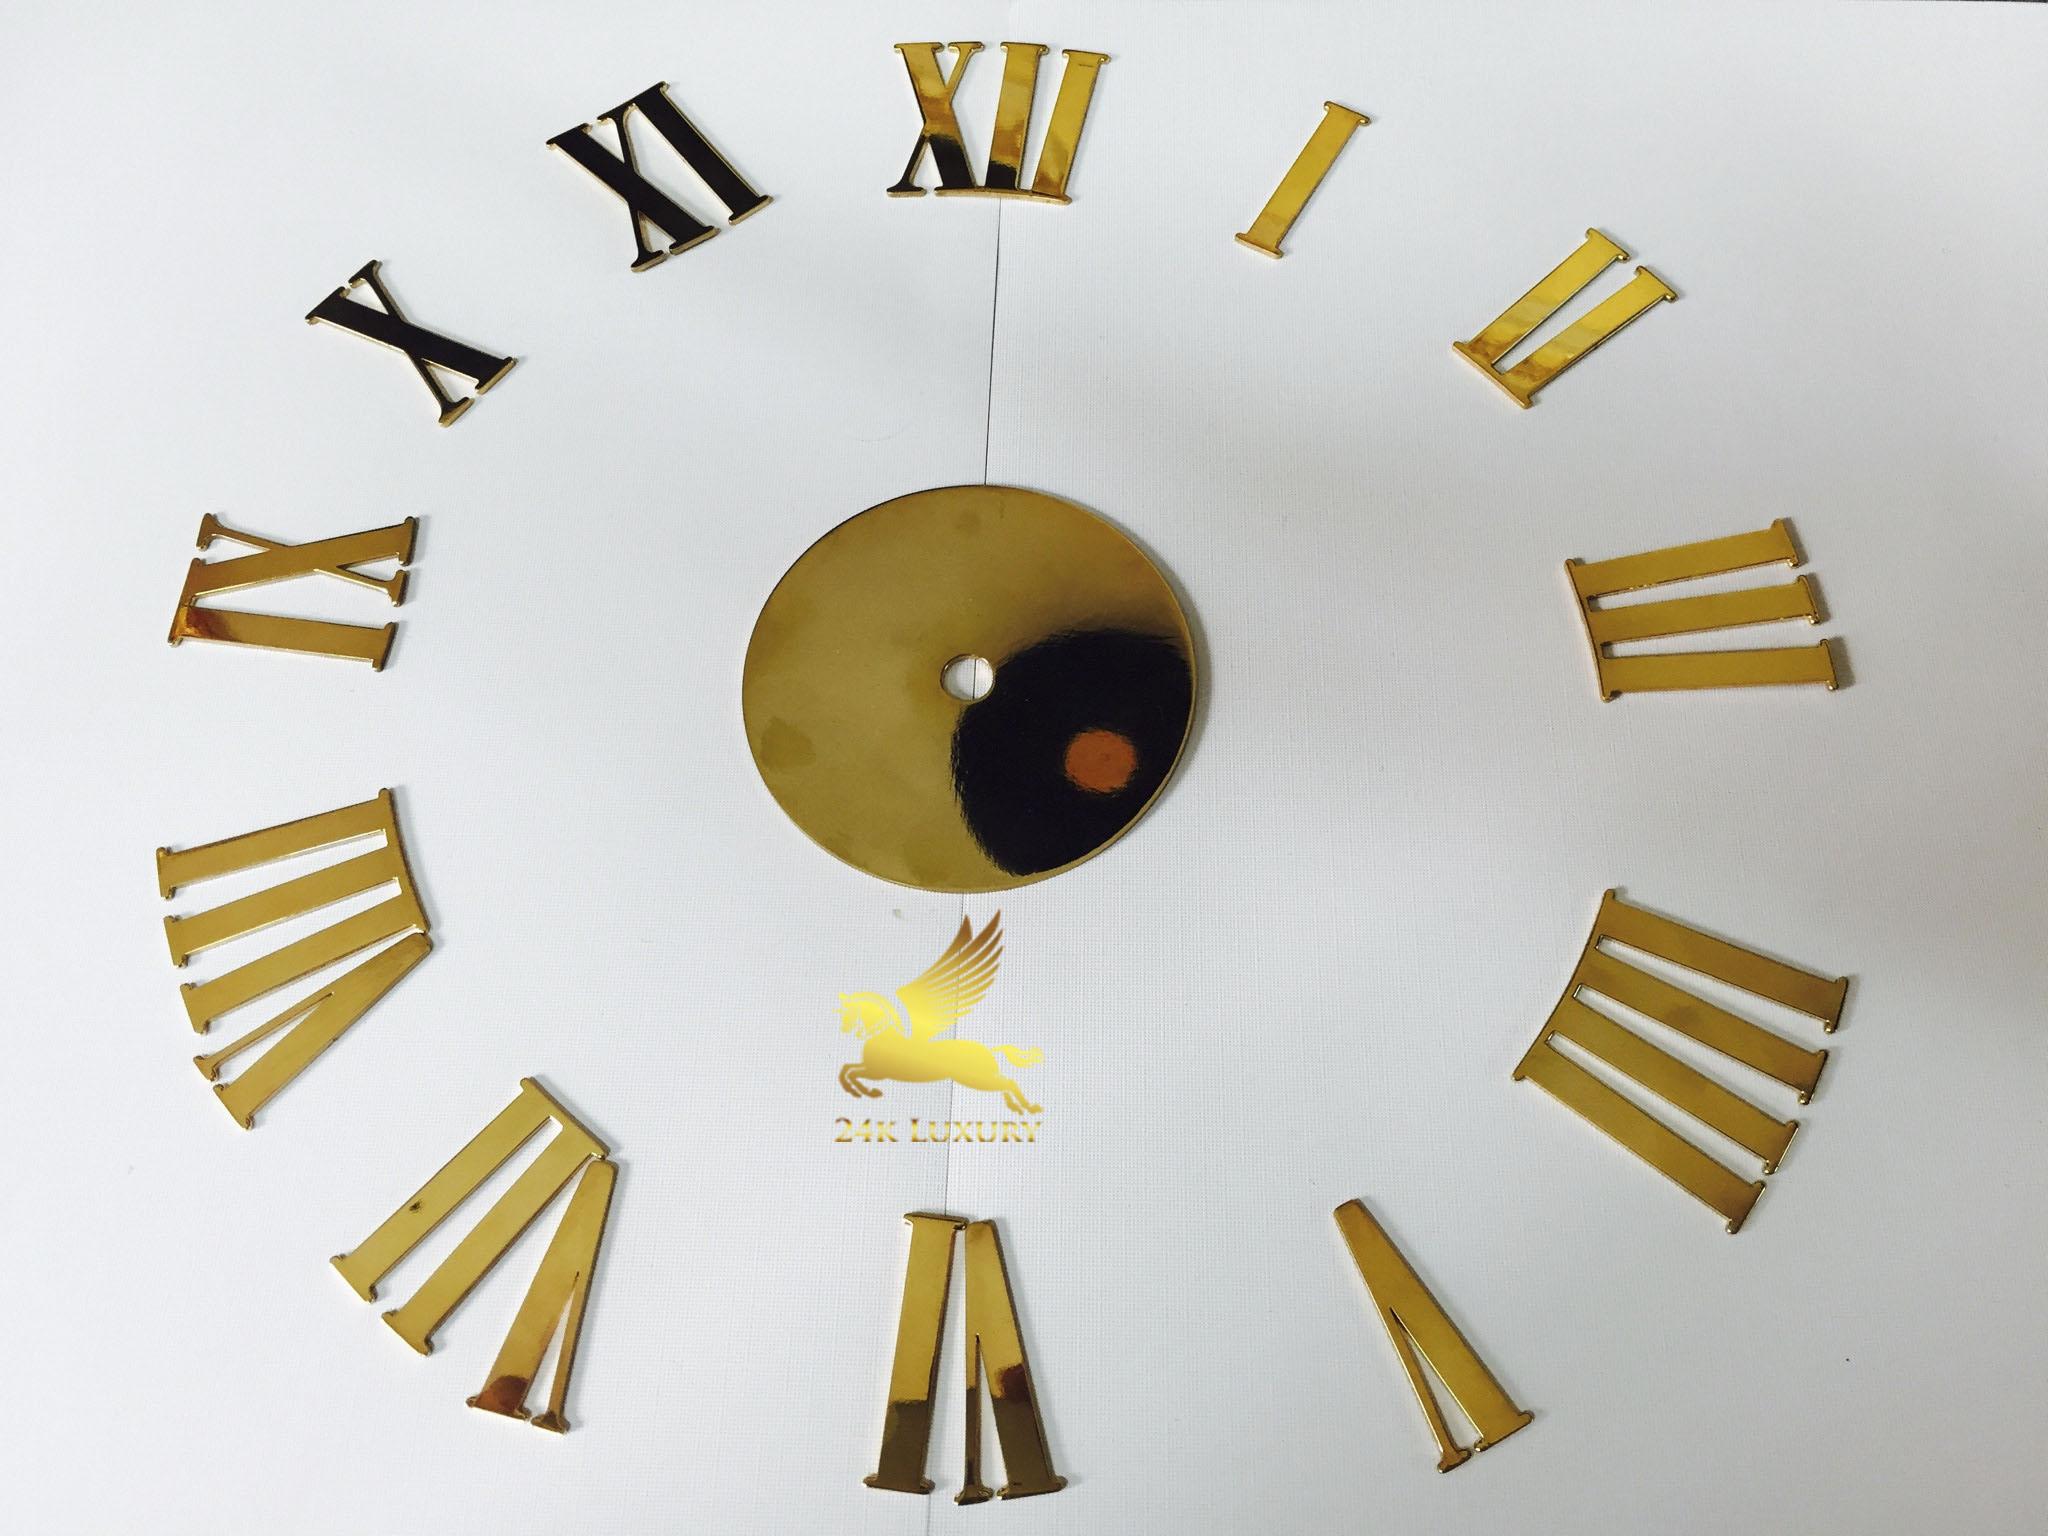 Đồng hồ treo tường mạ vàng là một thiết kế độc đáo, kiểu dáng và màu sắc đặc biệt đầy chất nghệ thuật